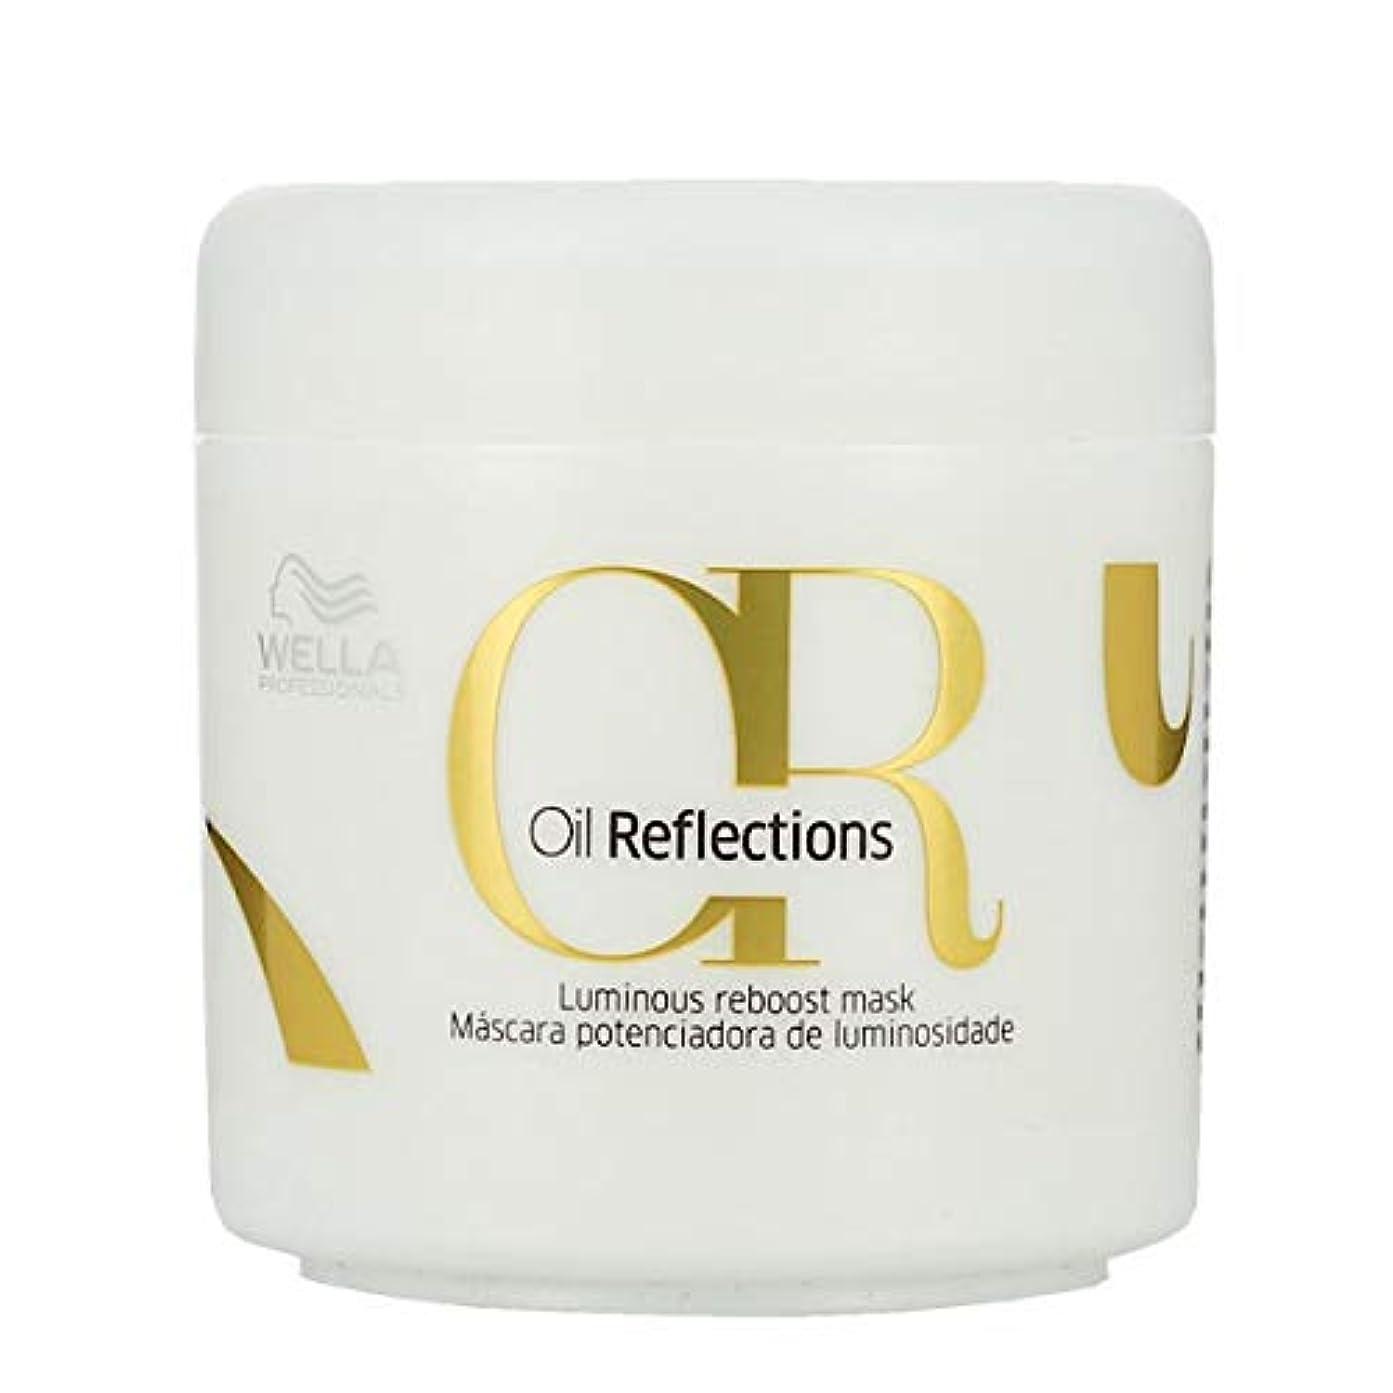 スペア手配するすり減るWella Professionals Oil Reflections Luminous Reboost Mask ウエラ オイルリフレクション マスク 150 ml [並行輸入品]